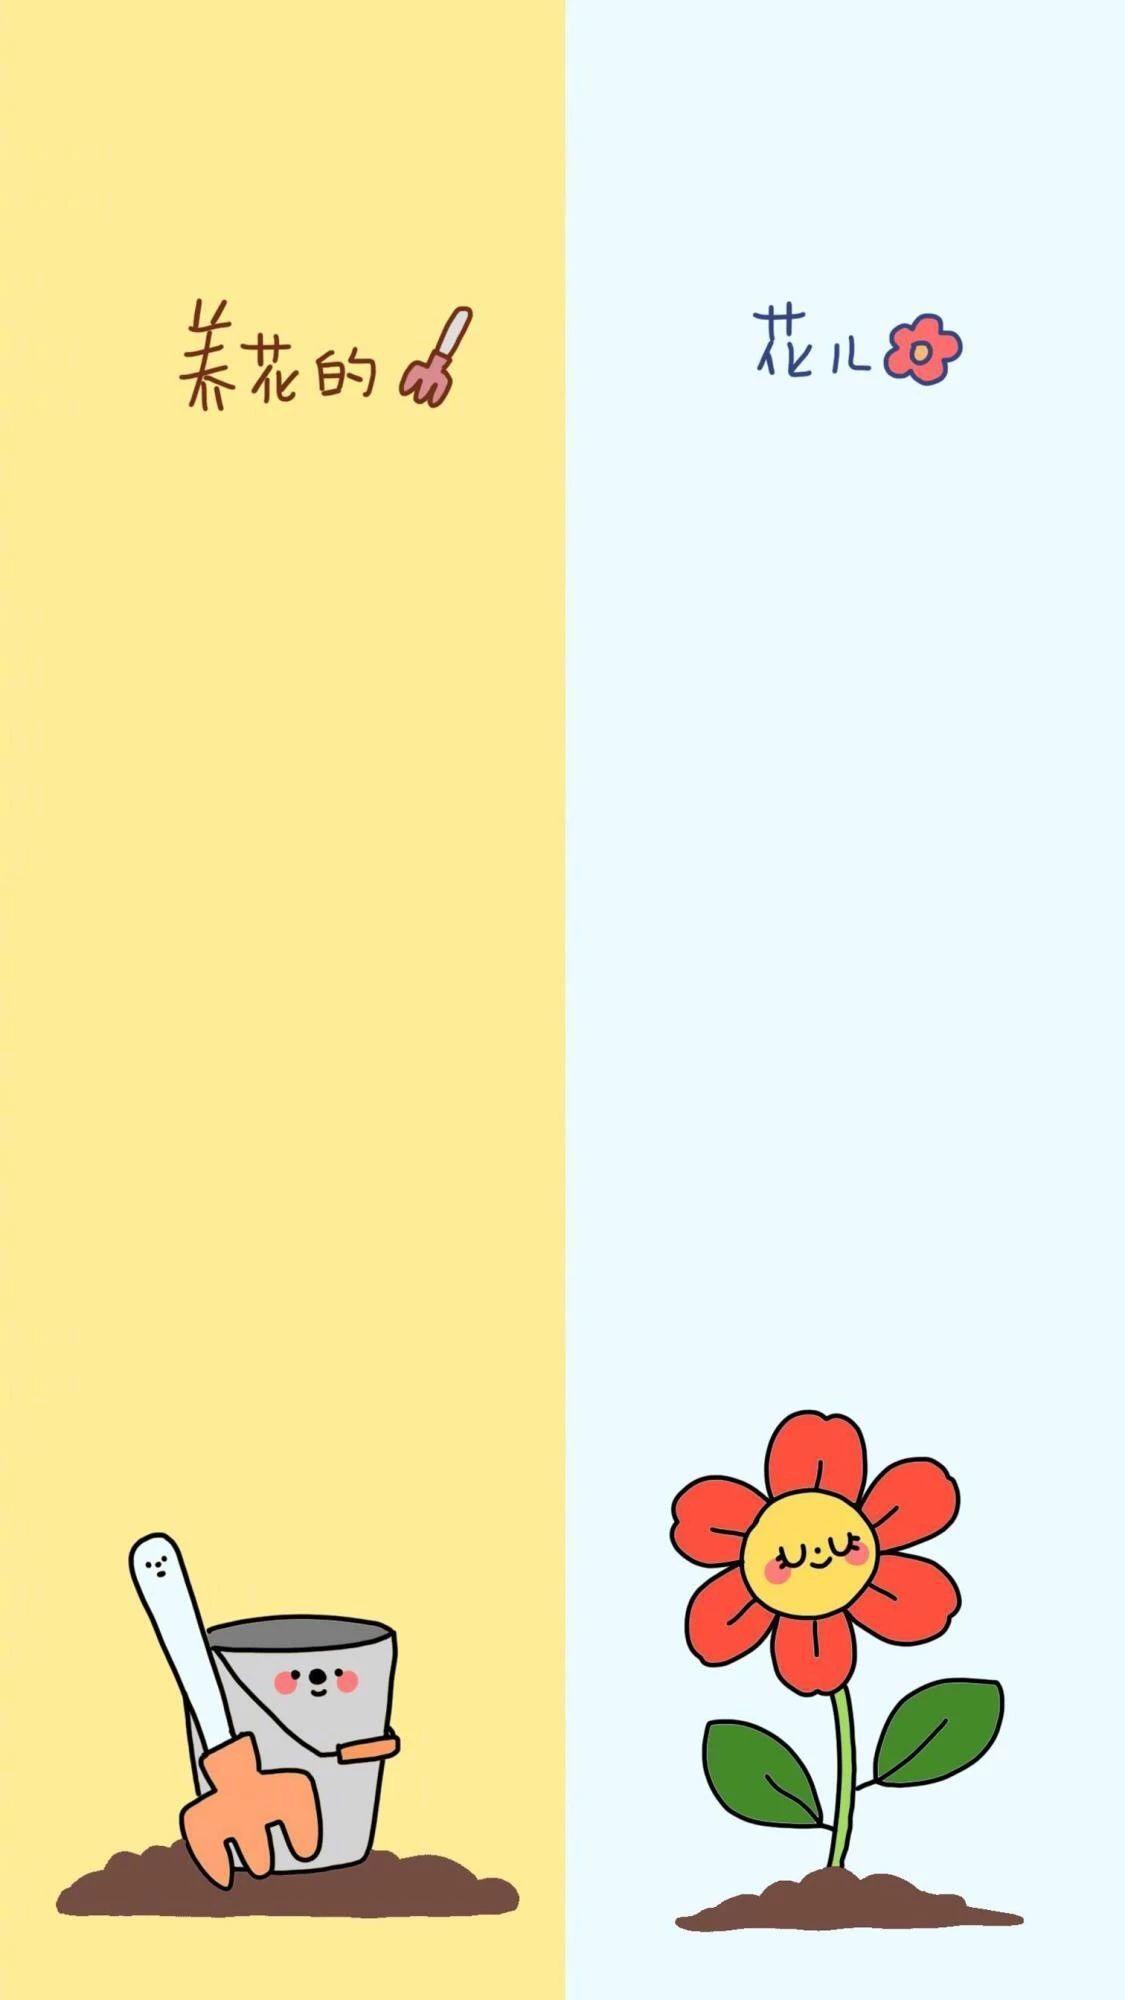 QQ微信聊天背景图:发财和发朋友圈,你总要发一个吧!插图15